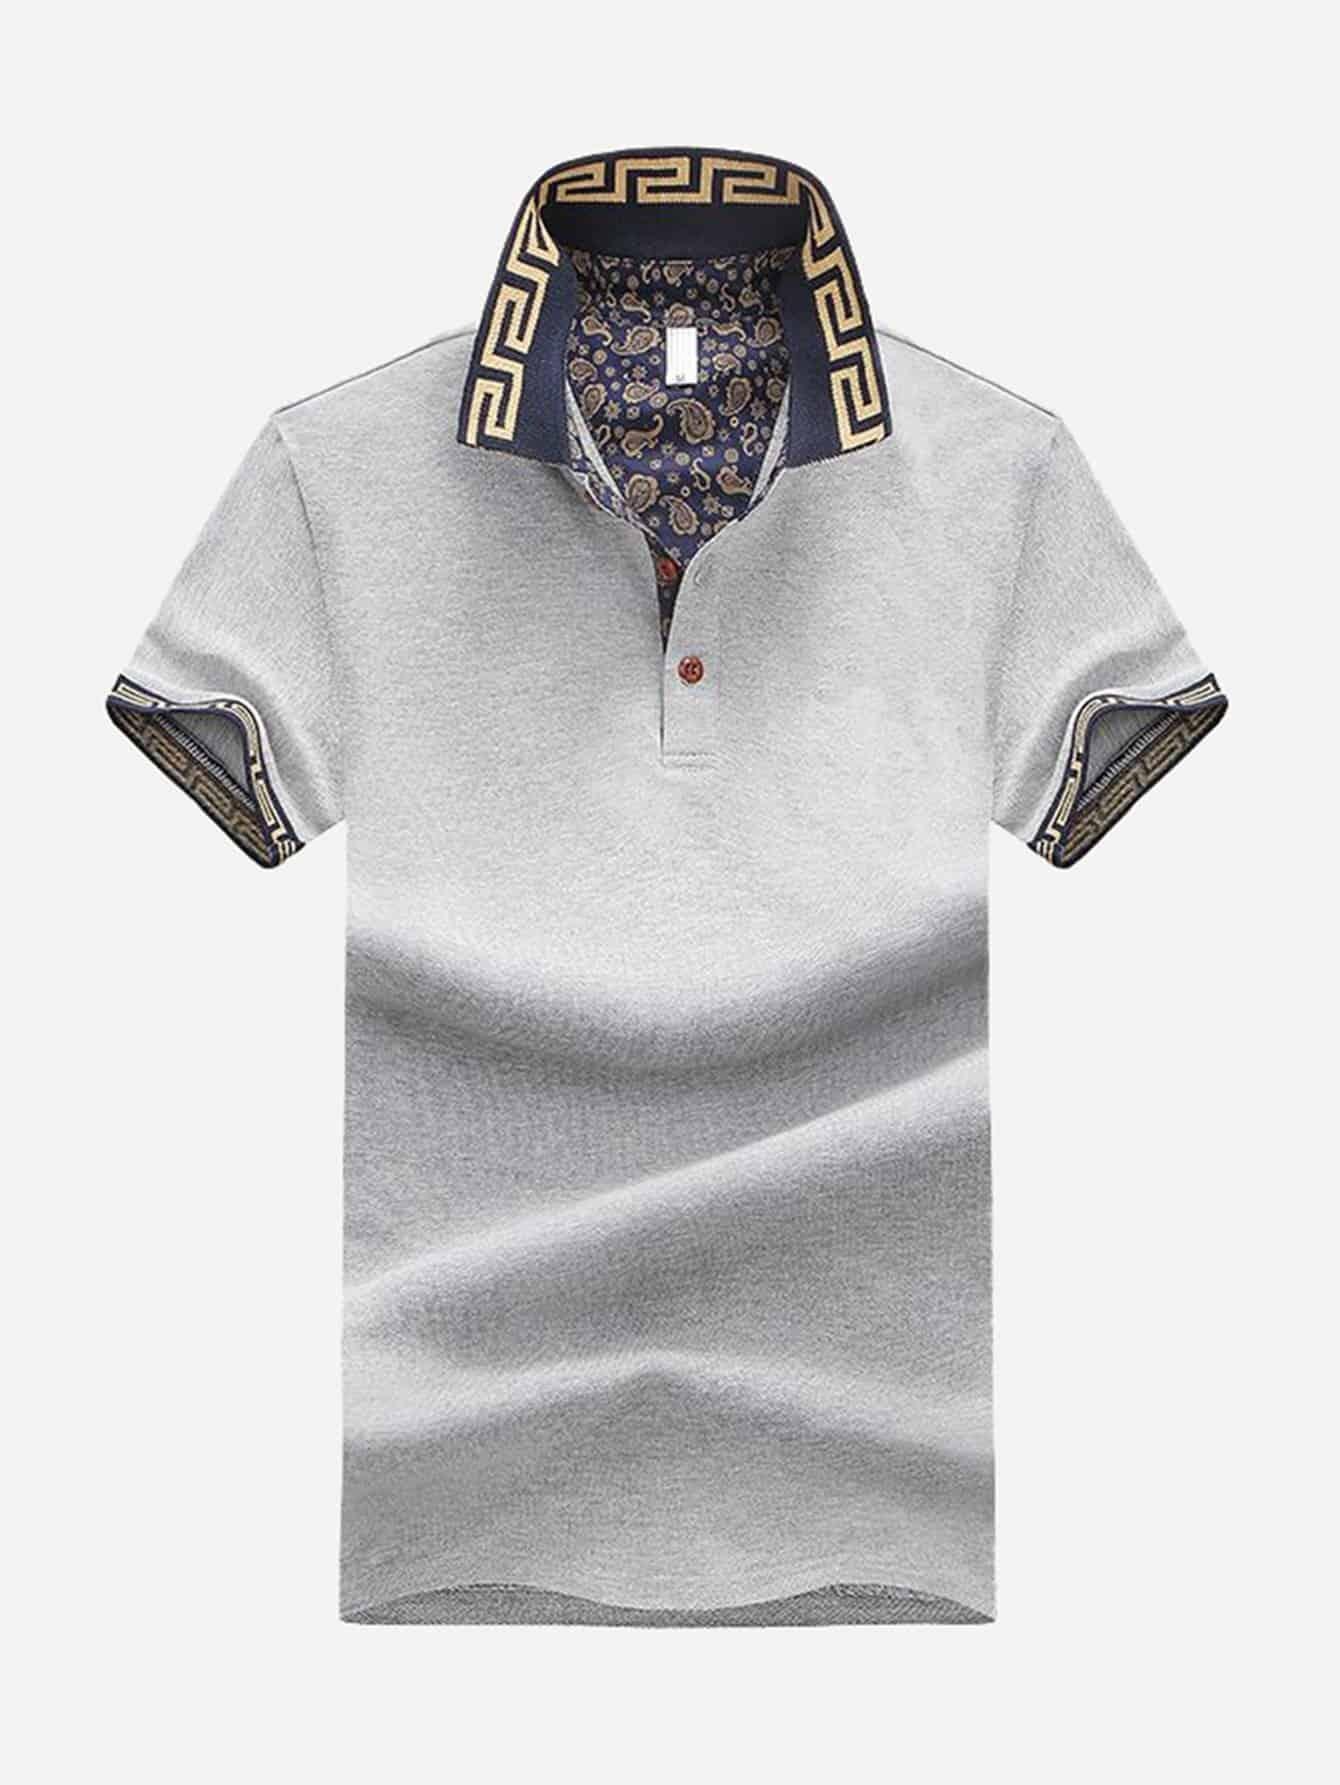 Мужская толстая рубашка поло, null, SheIn  - купить со скидкой